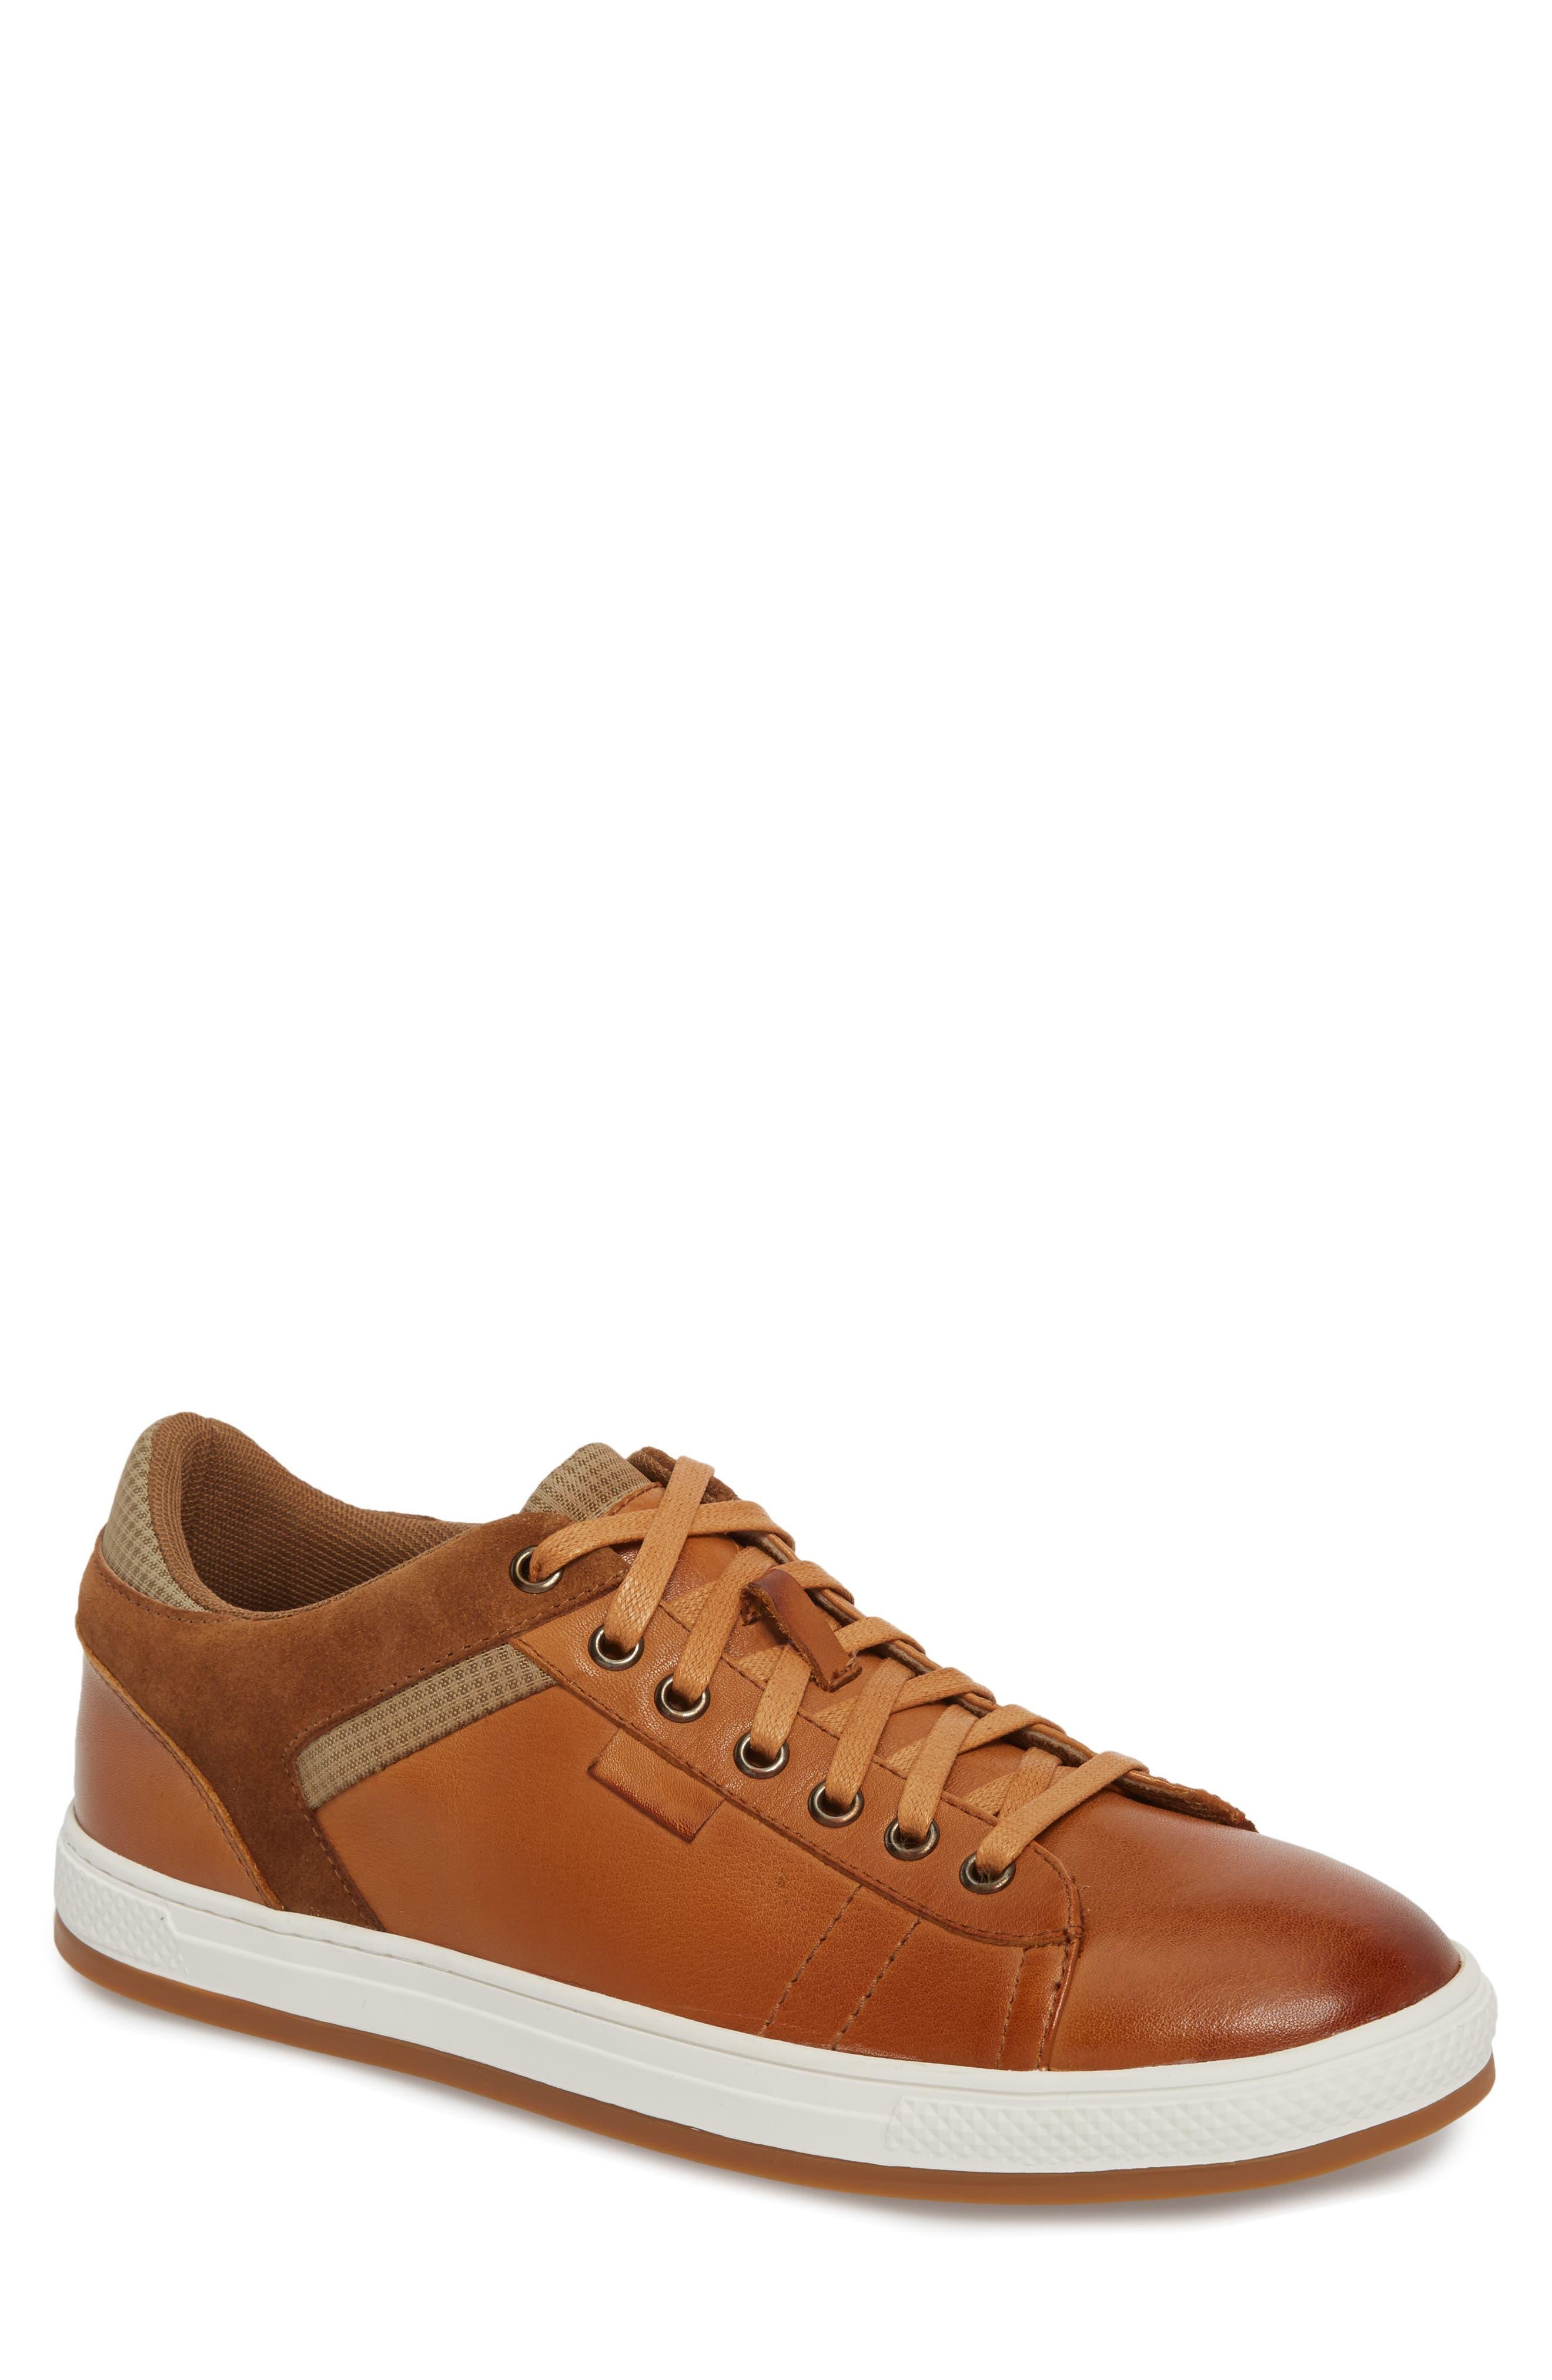 Ireton Low Top Sneaker,                             Main thumbnail 1, color,                             Cognac Leather/ Suede